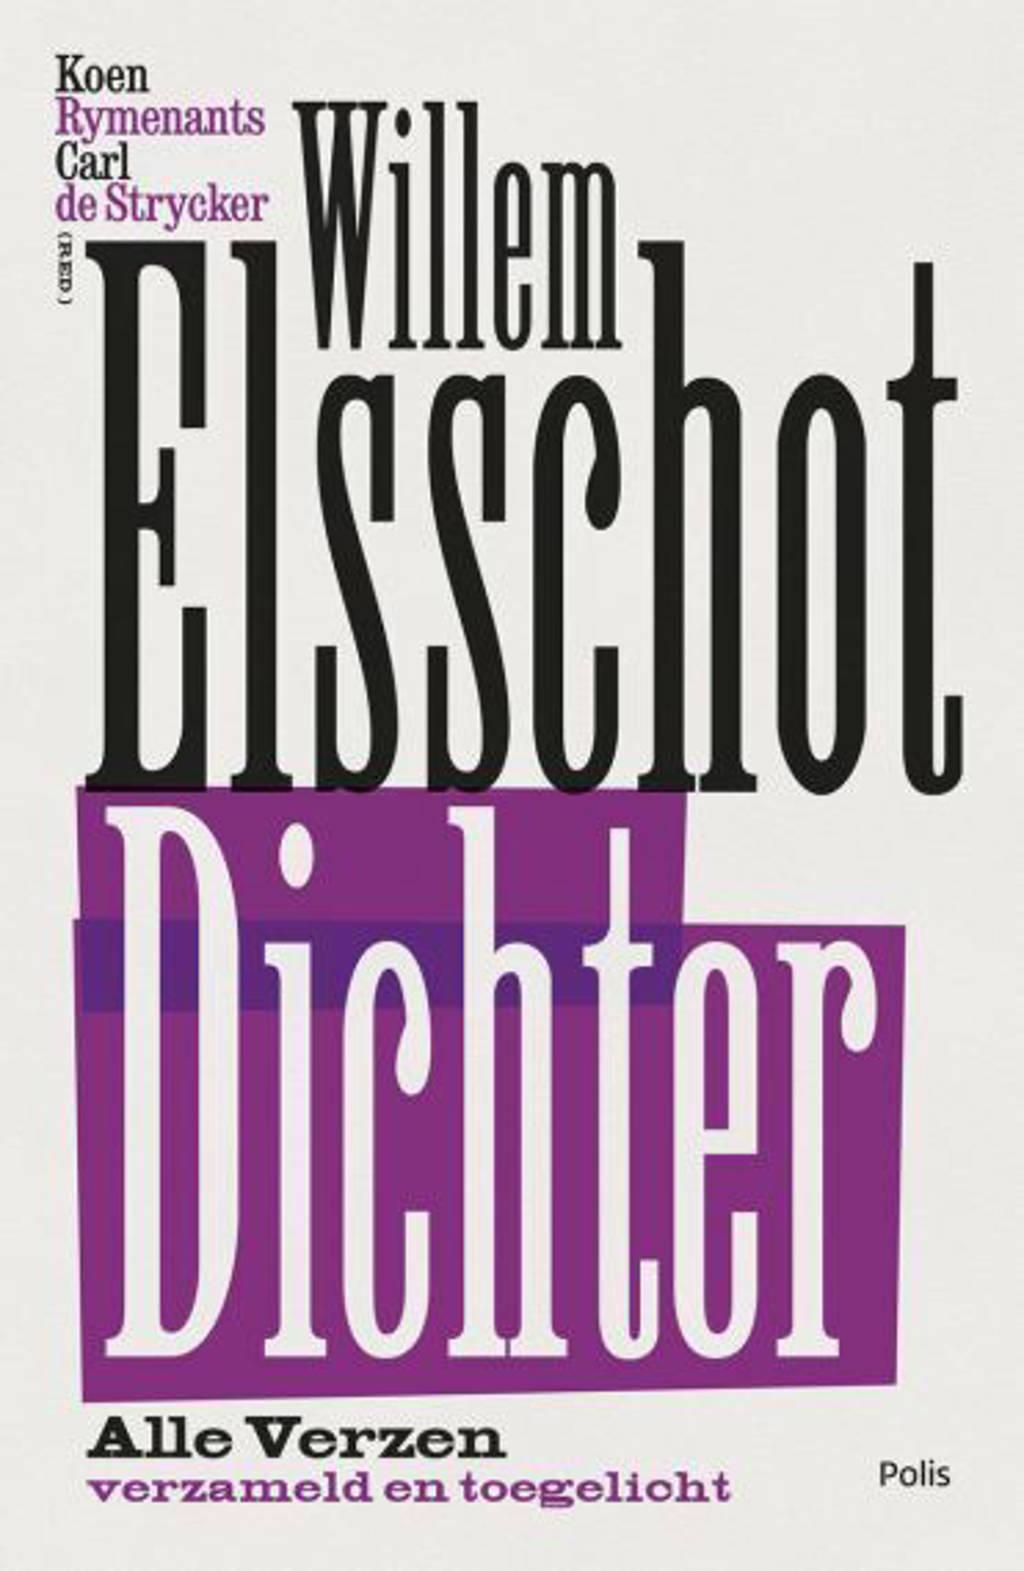 Willem Elsschot. Dichter - Willem Elsschot, Koen Rymenants en Carl de Strycker